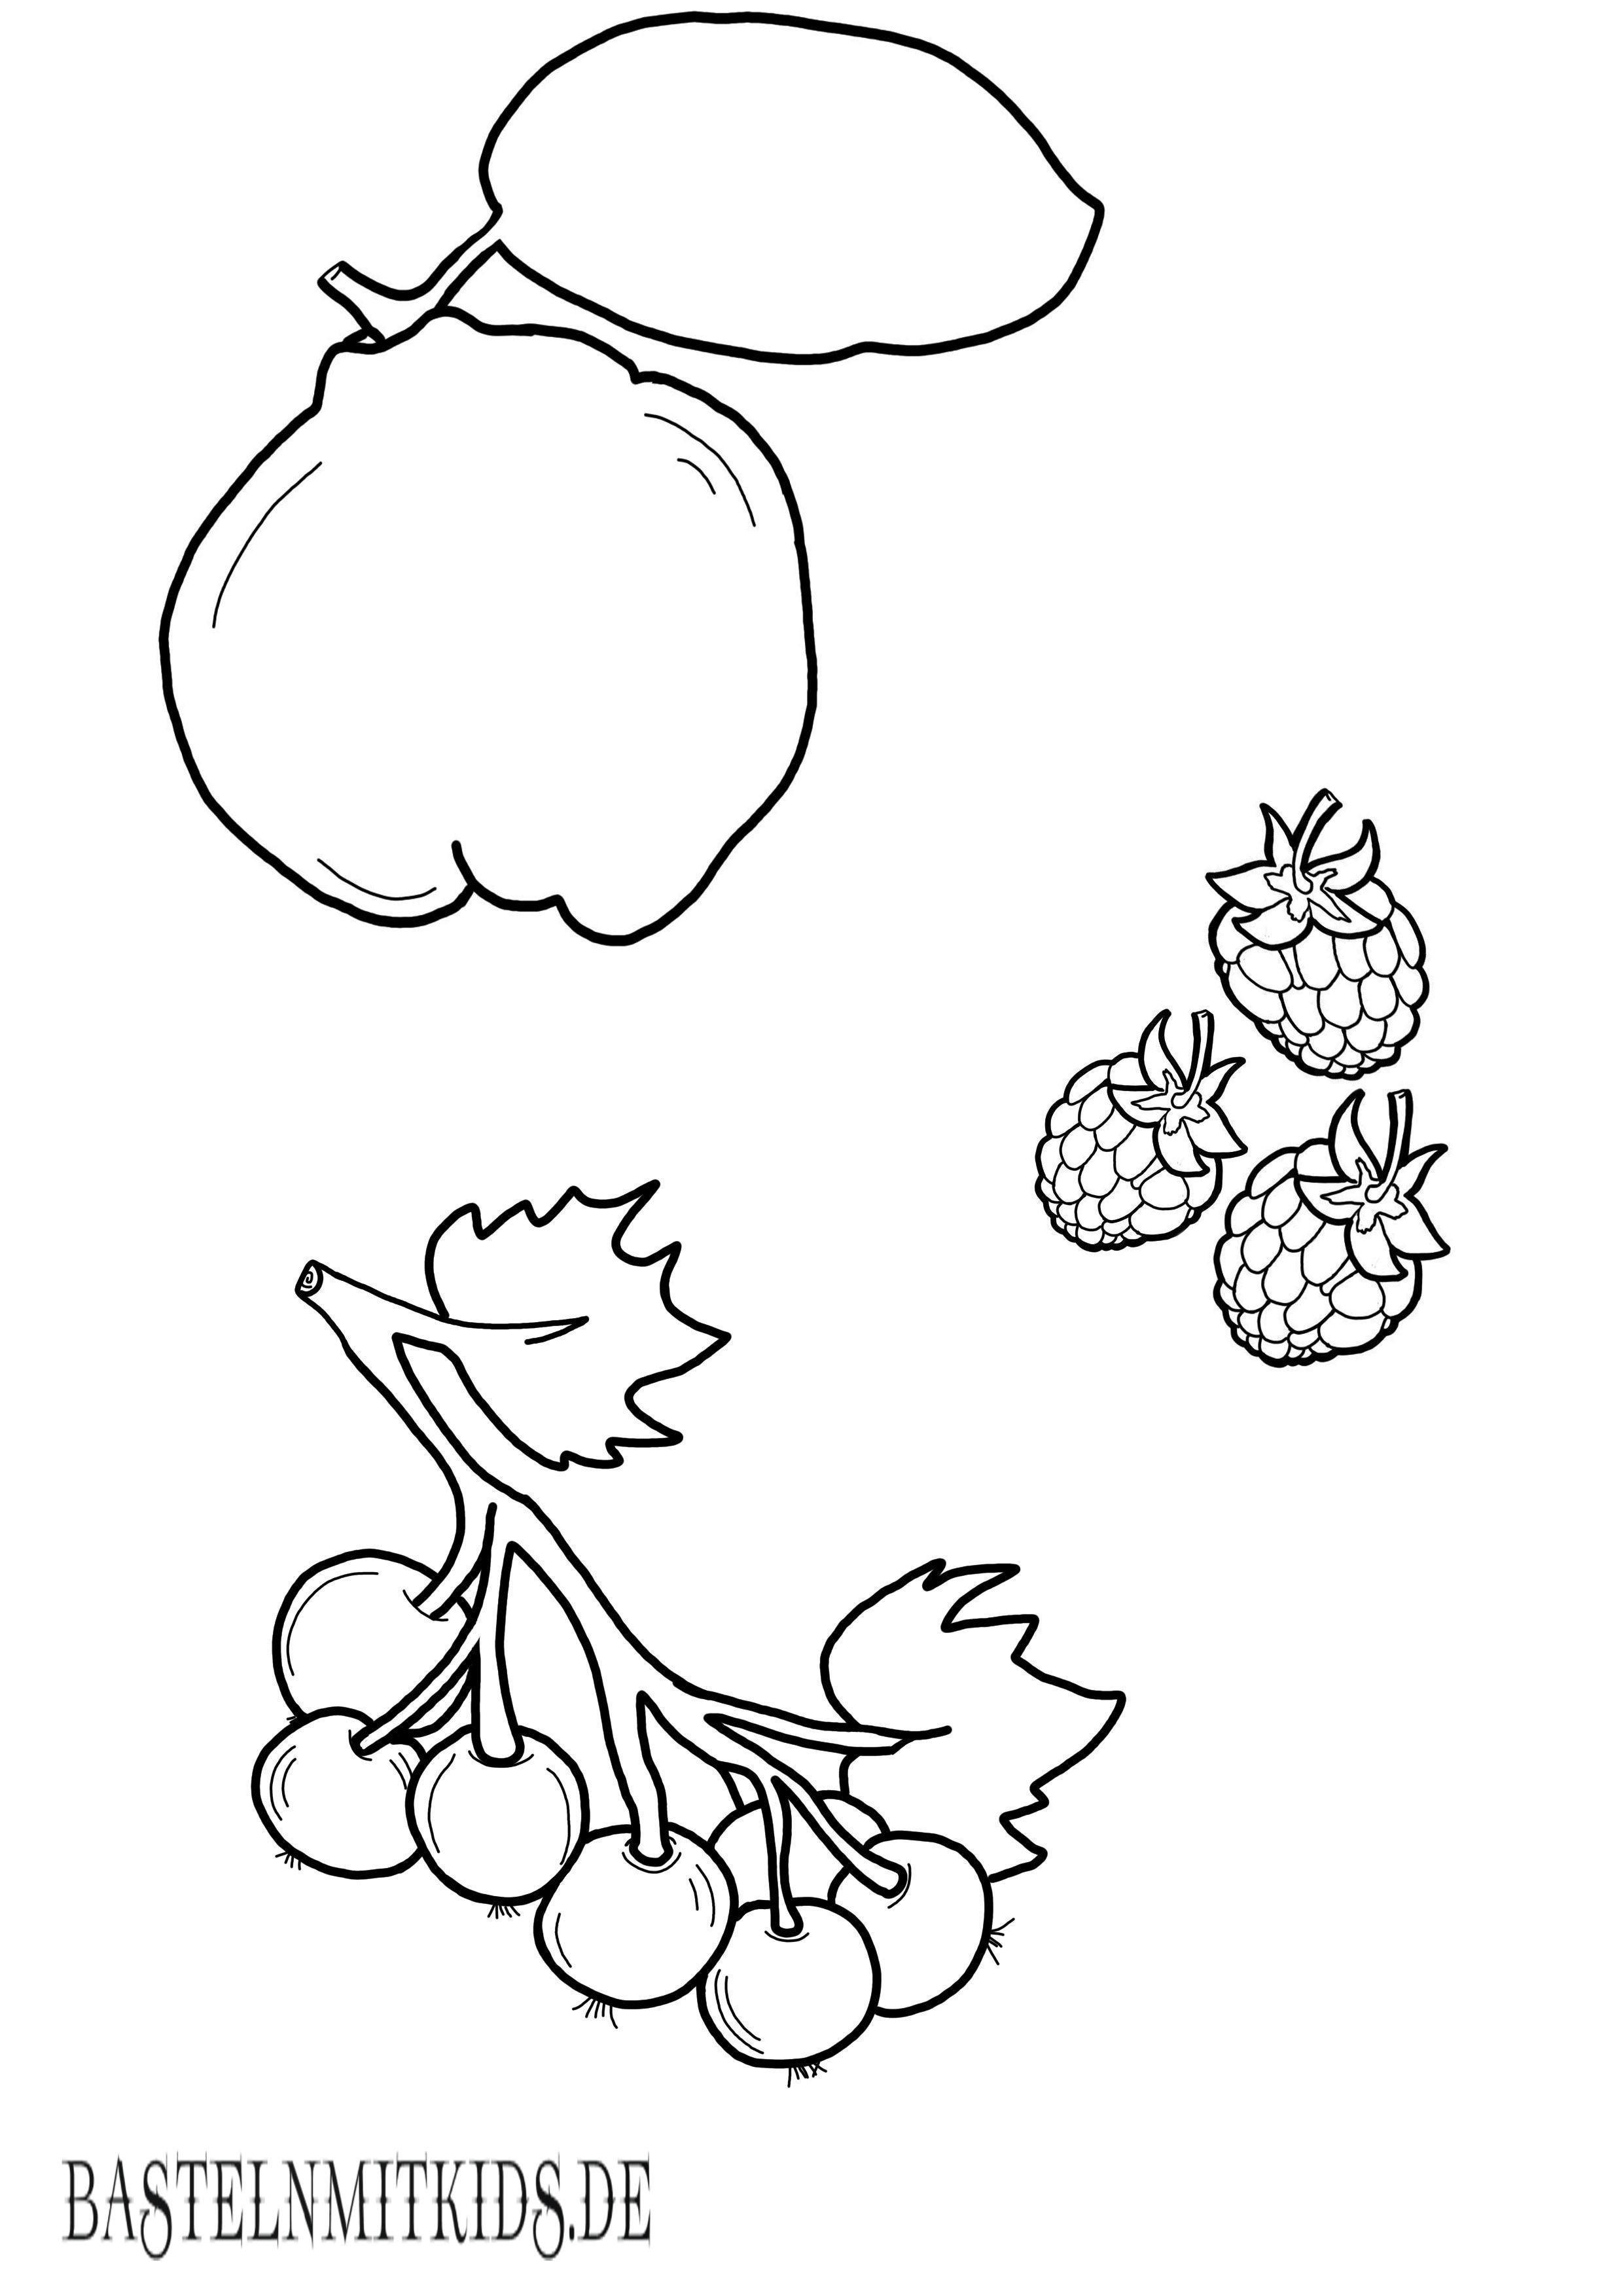 Der Kleine Maulwurf Ausmalbilder Einzigartig Der Kleine Maulwurf Ausmalbilder Fresh Malvorlagen Fur Kinder Sammlung